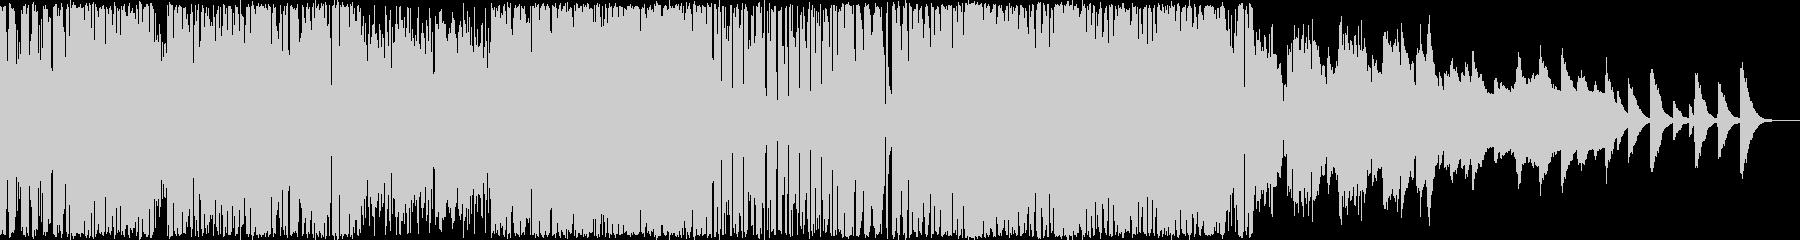 ハイテンションなピコピコシンセBGMの未再生の波形